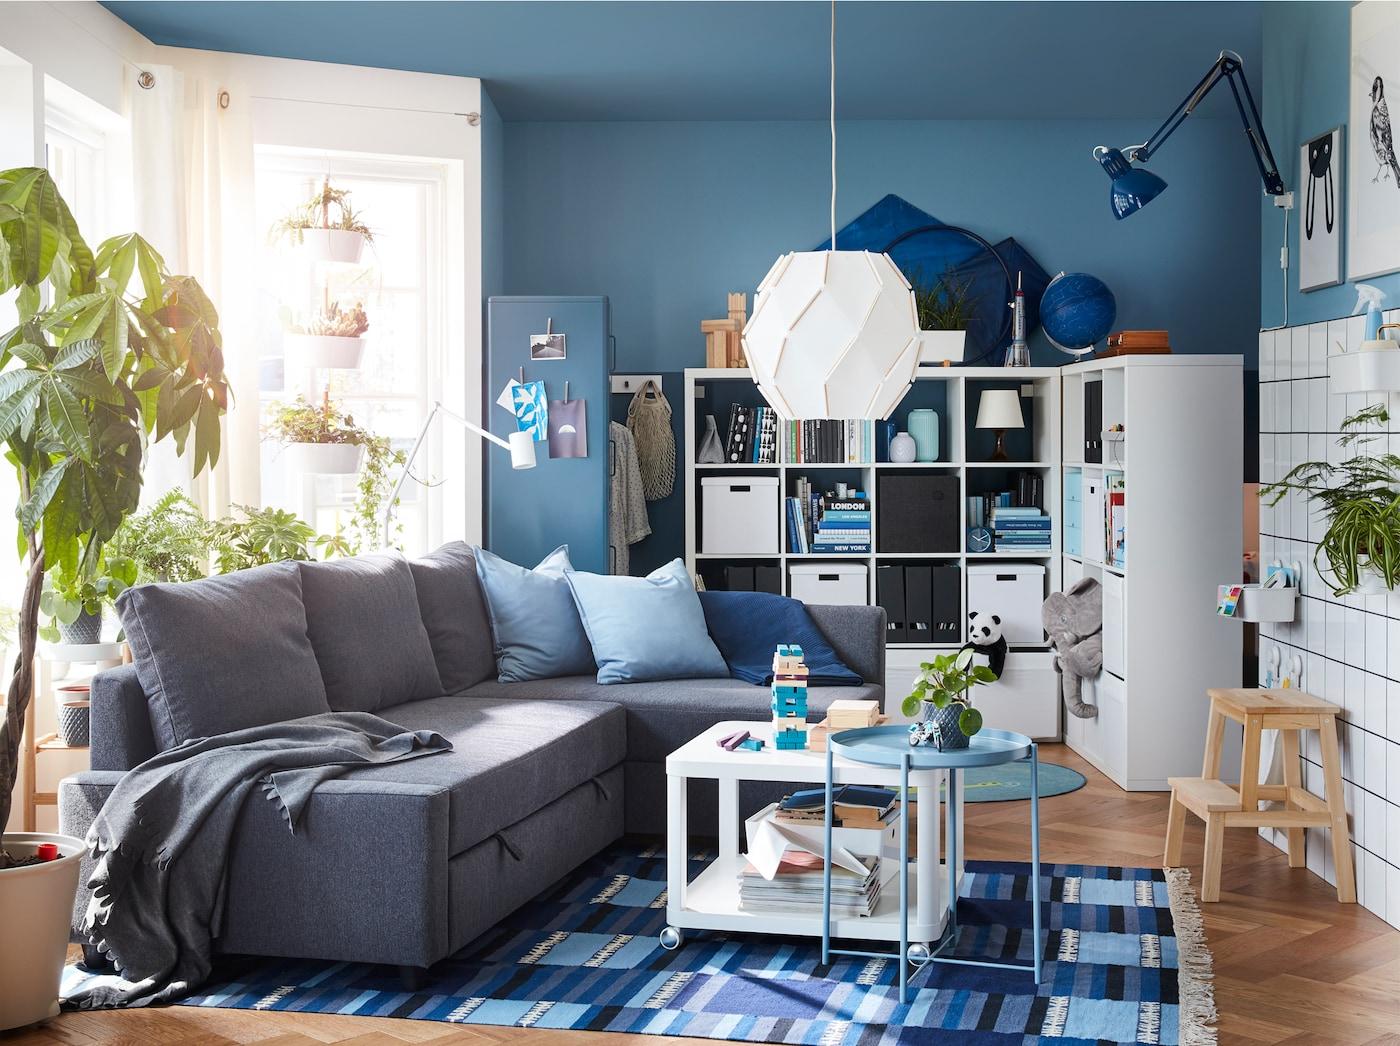 Wohnzimmer Wohnbereich Ideen Inspirationen Ikea Deutschland